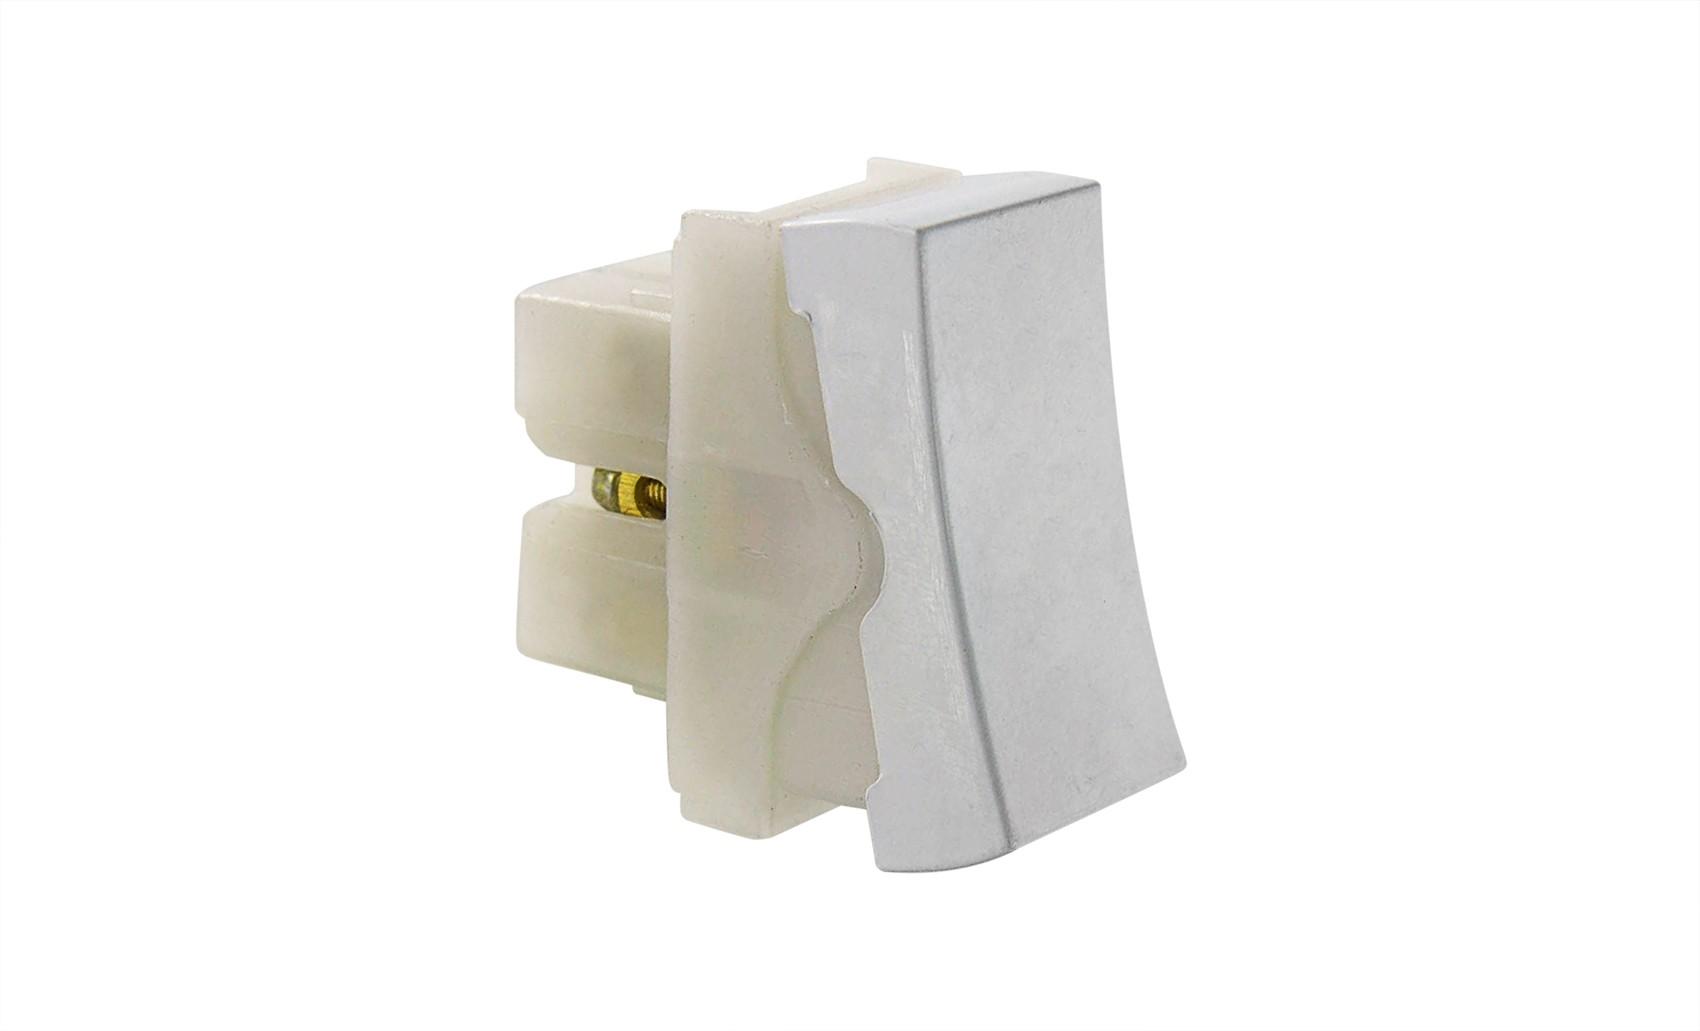 Módulo Interruptor Intermediário Slim 8133 Ilumi